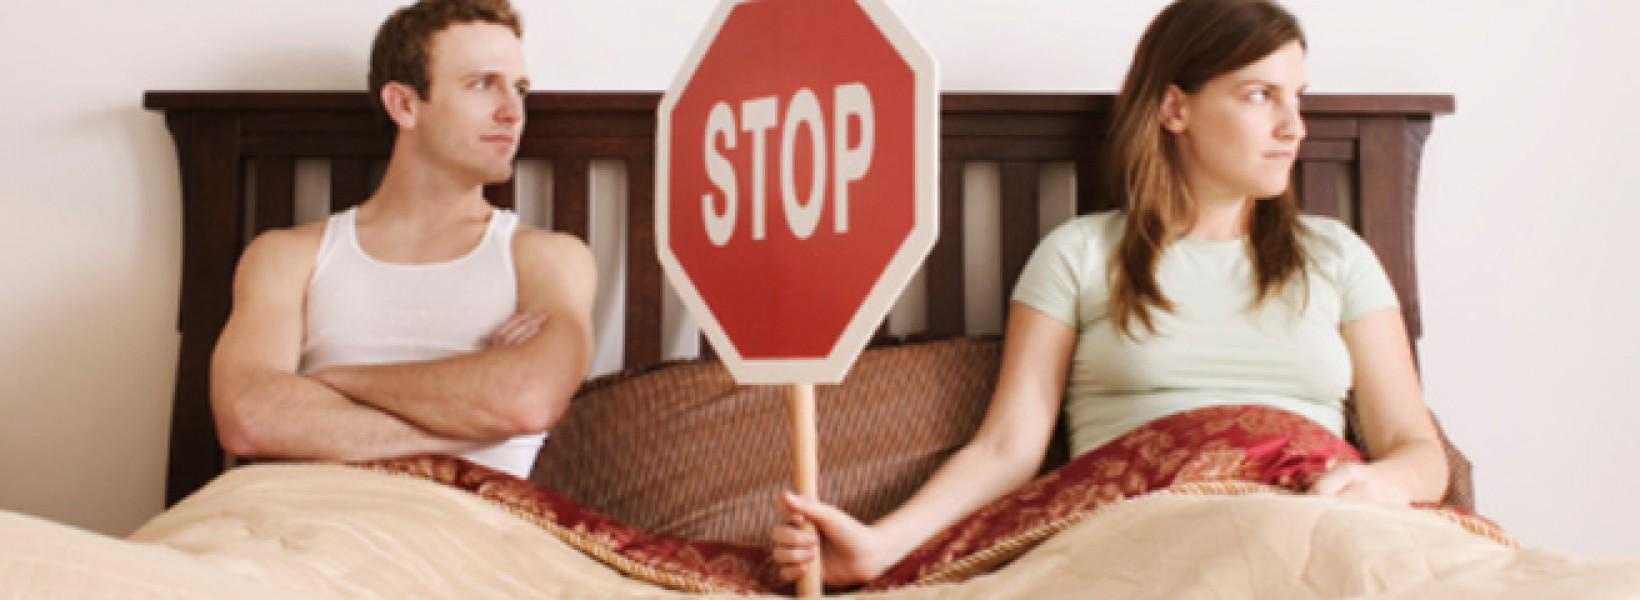 Sexo y menstruación, ¿términos incompatibles?